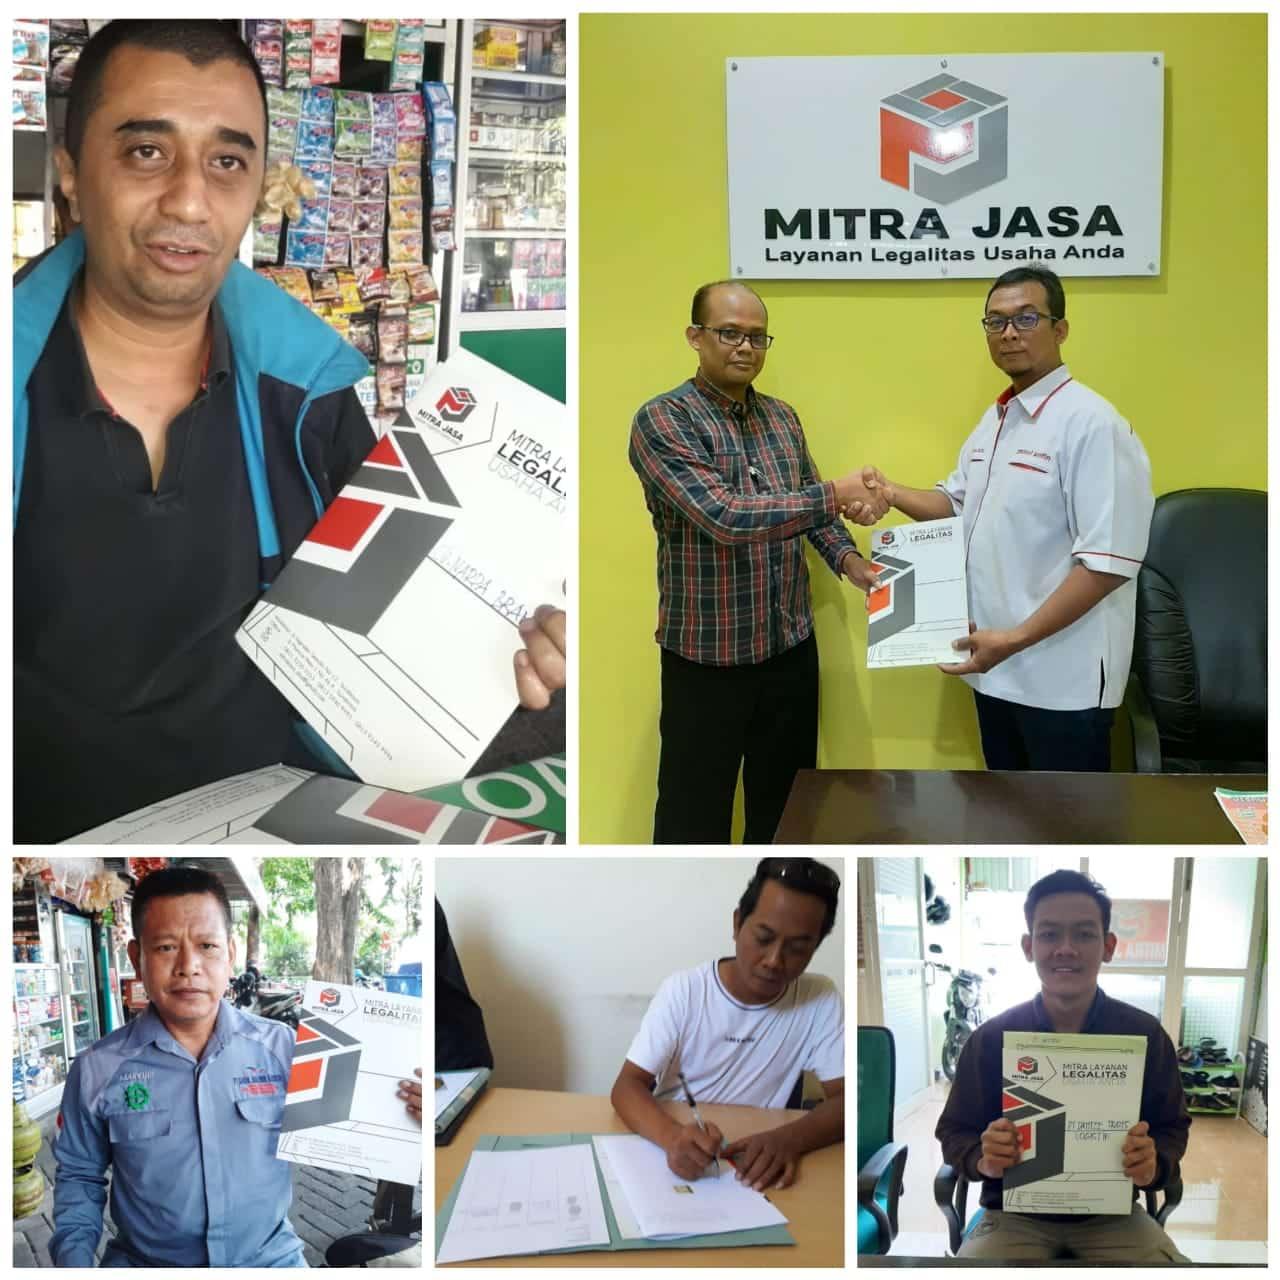 Testimoni Mitra Jasa Legalitas